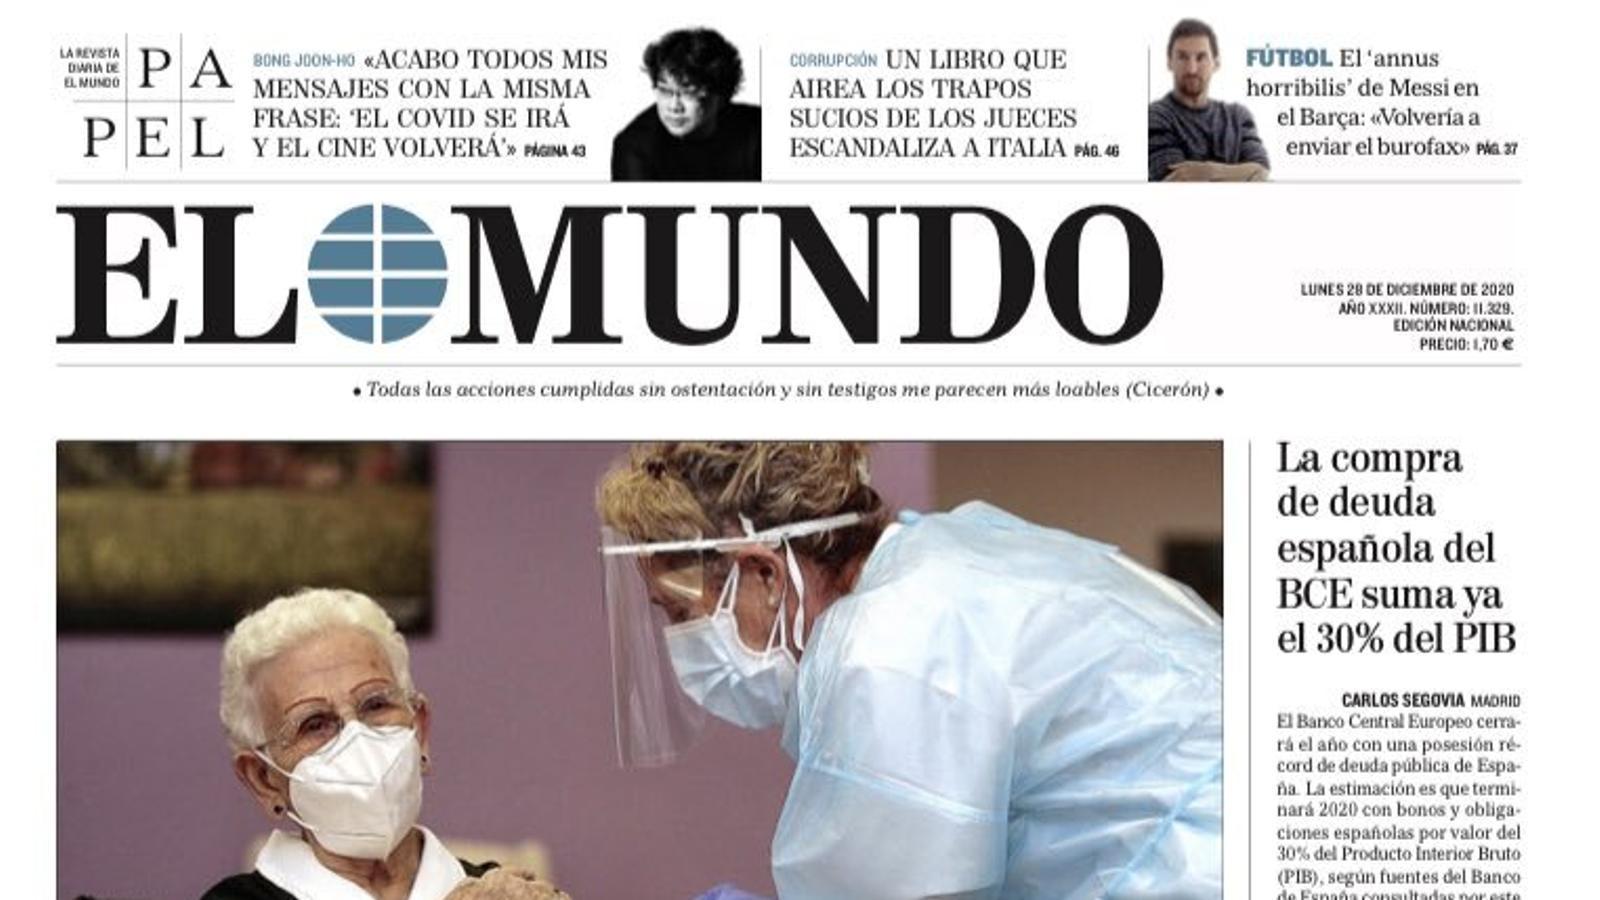 Portada d'El Mundo, 28 de desembre del 2020